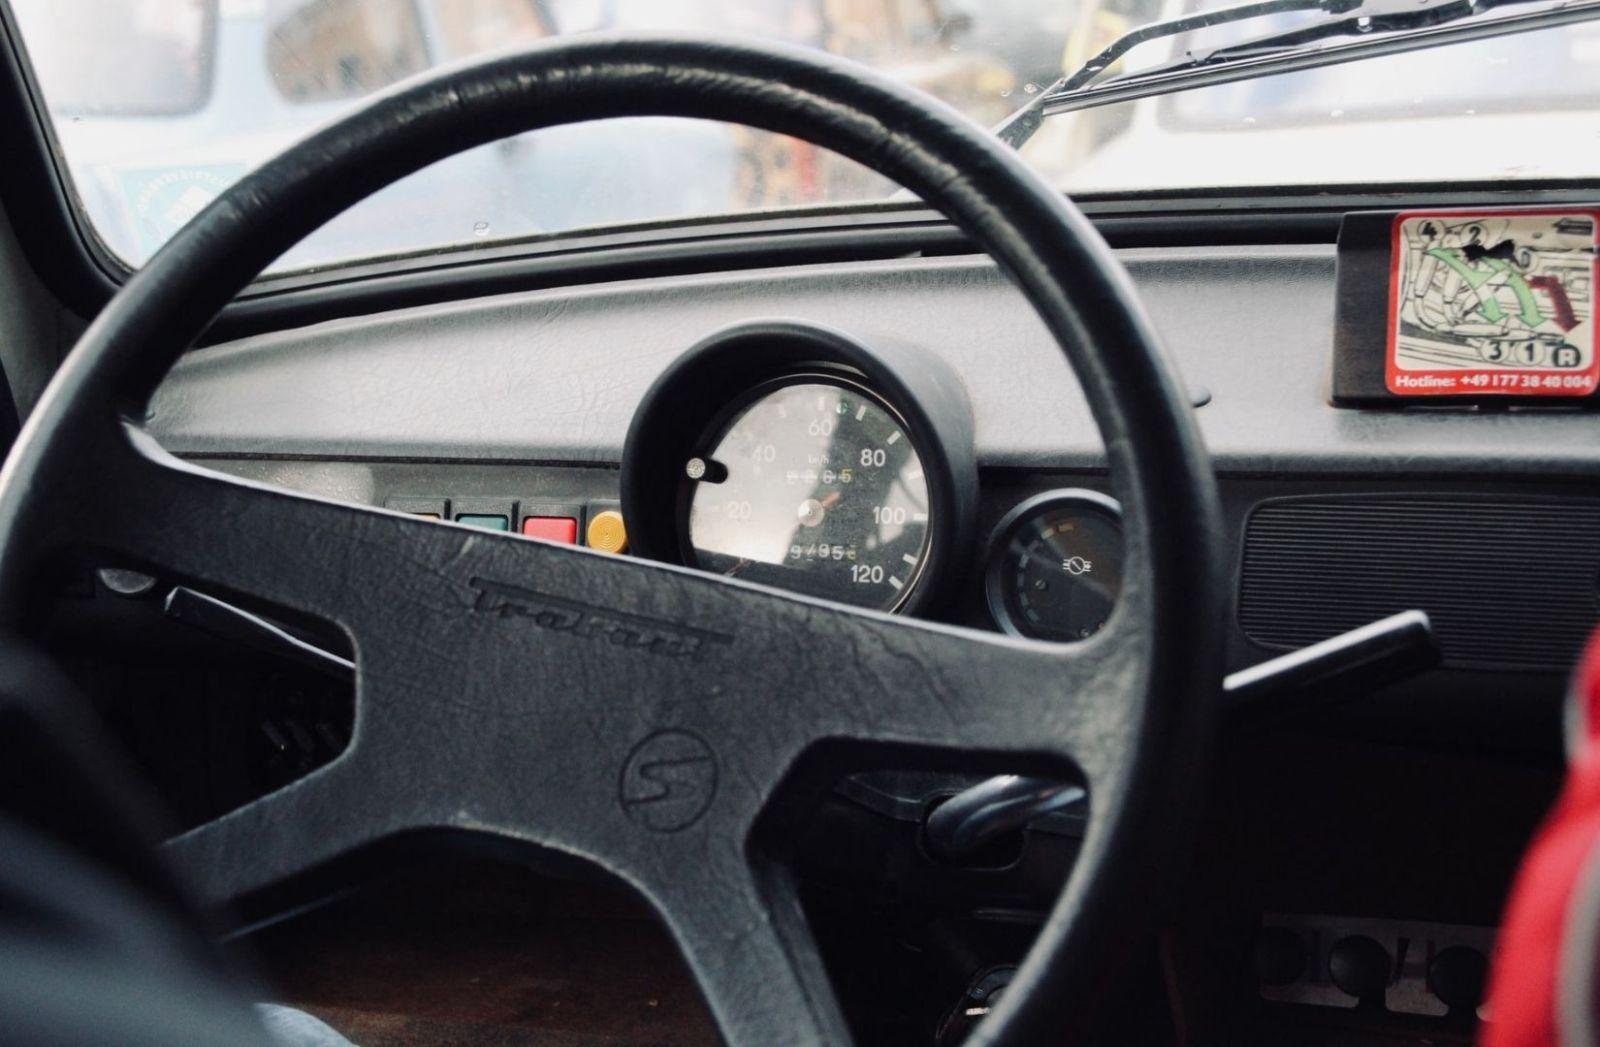 Kein Tamtam und Tabu mit dem Trabant. (Foto: Oliver Augustijn, Unsplash.com)